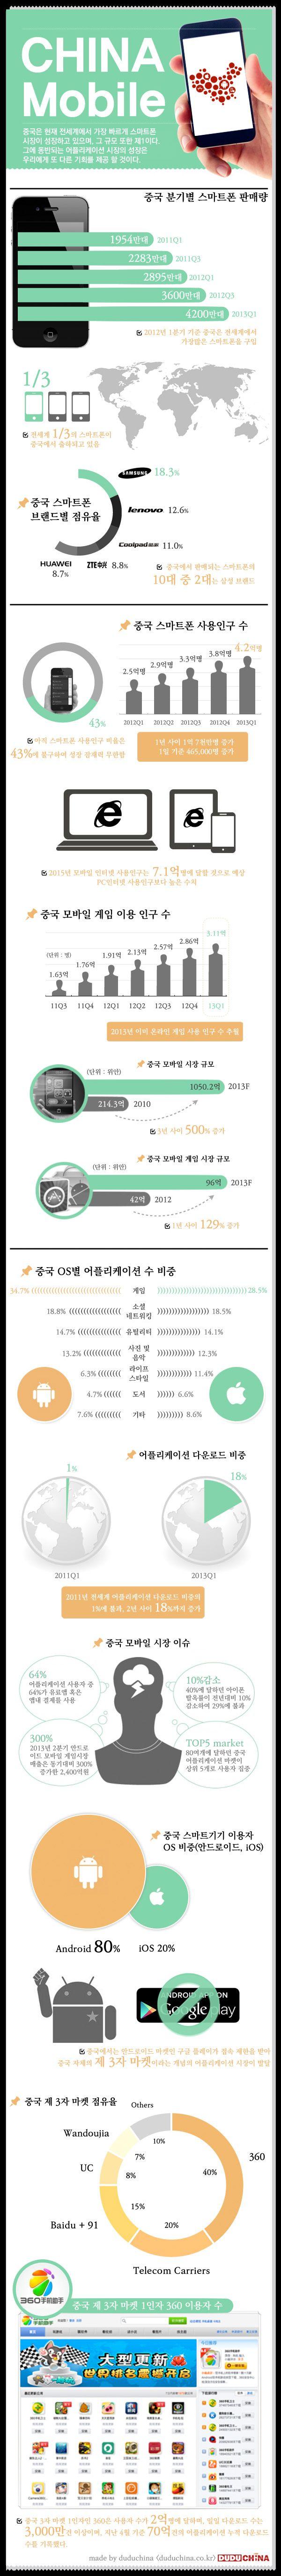 [Infographic] '파죽지세' 중국 모바일 시장 패권 전쟁 불붙다 | DuDu China